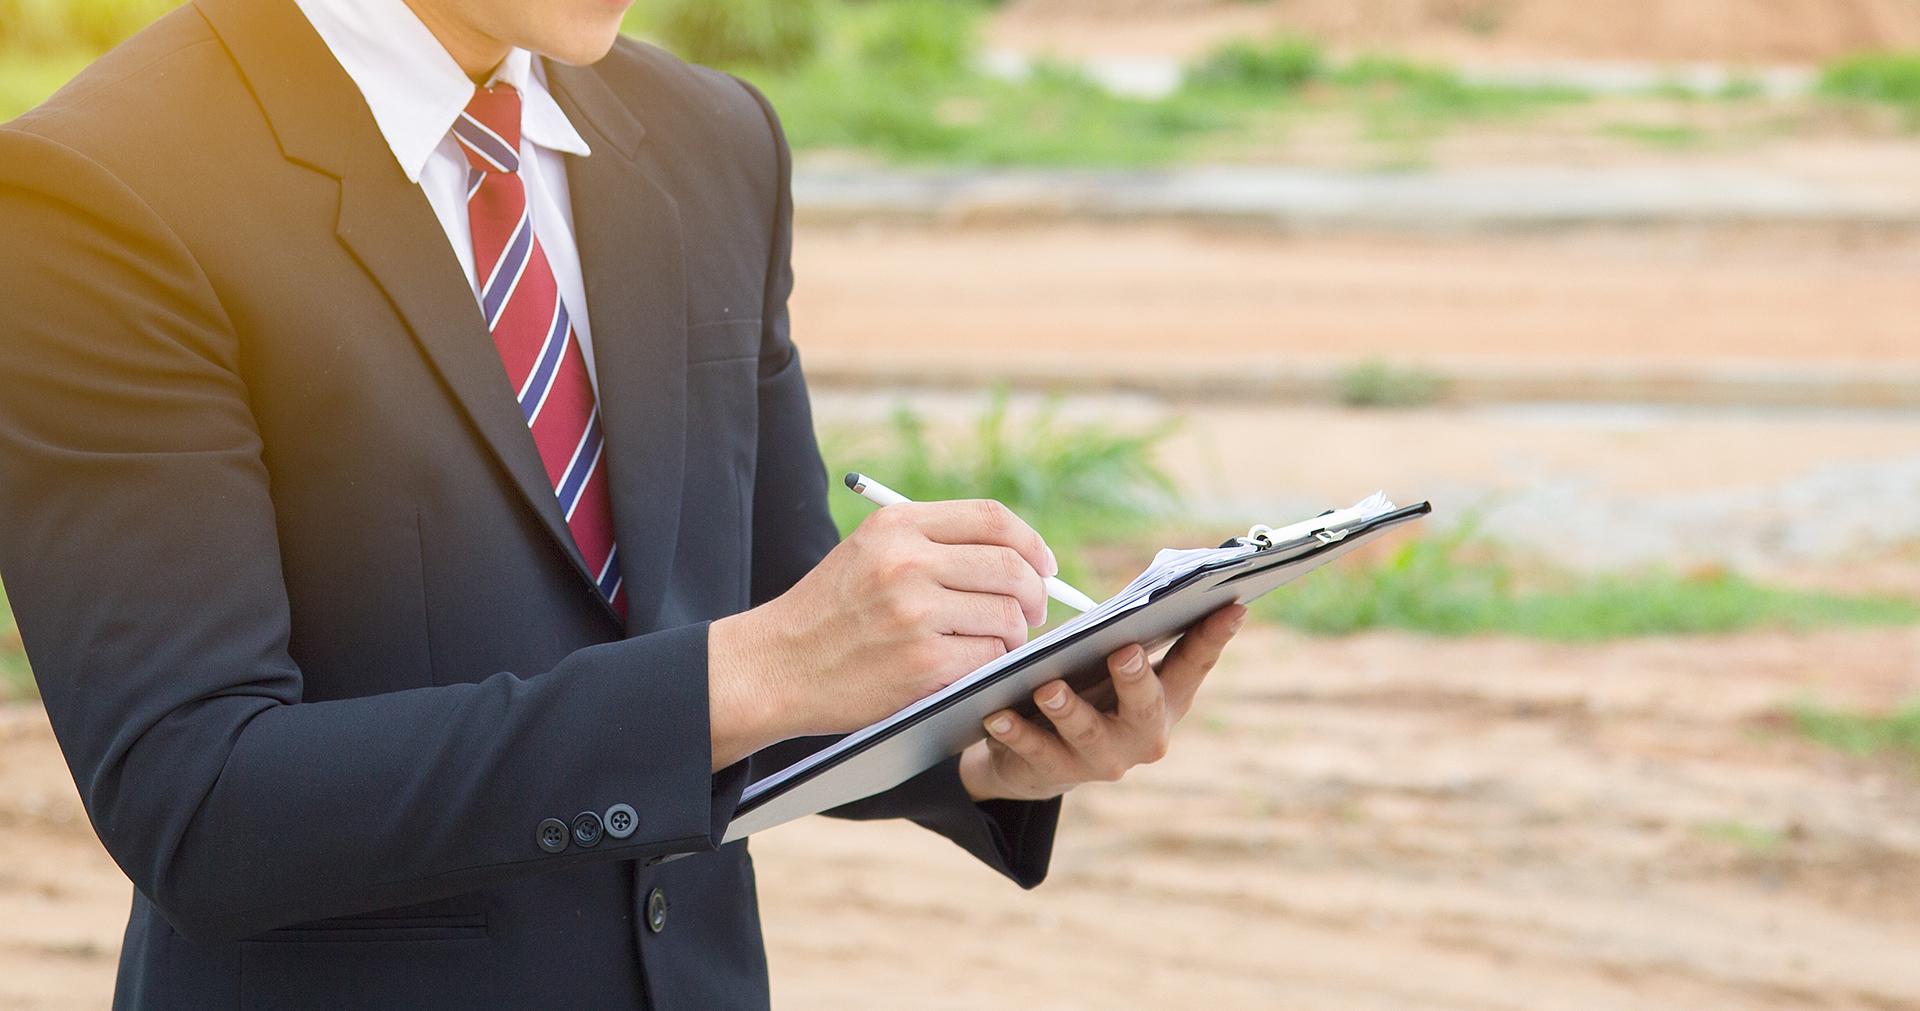 юридическая консультация по земельному законодательству